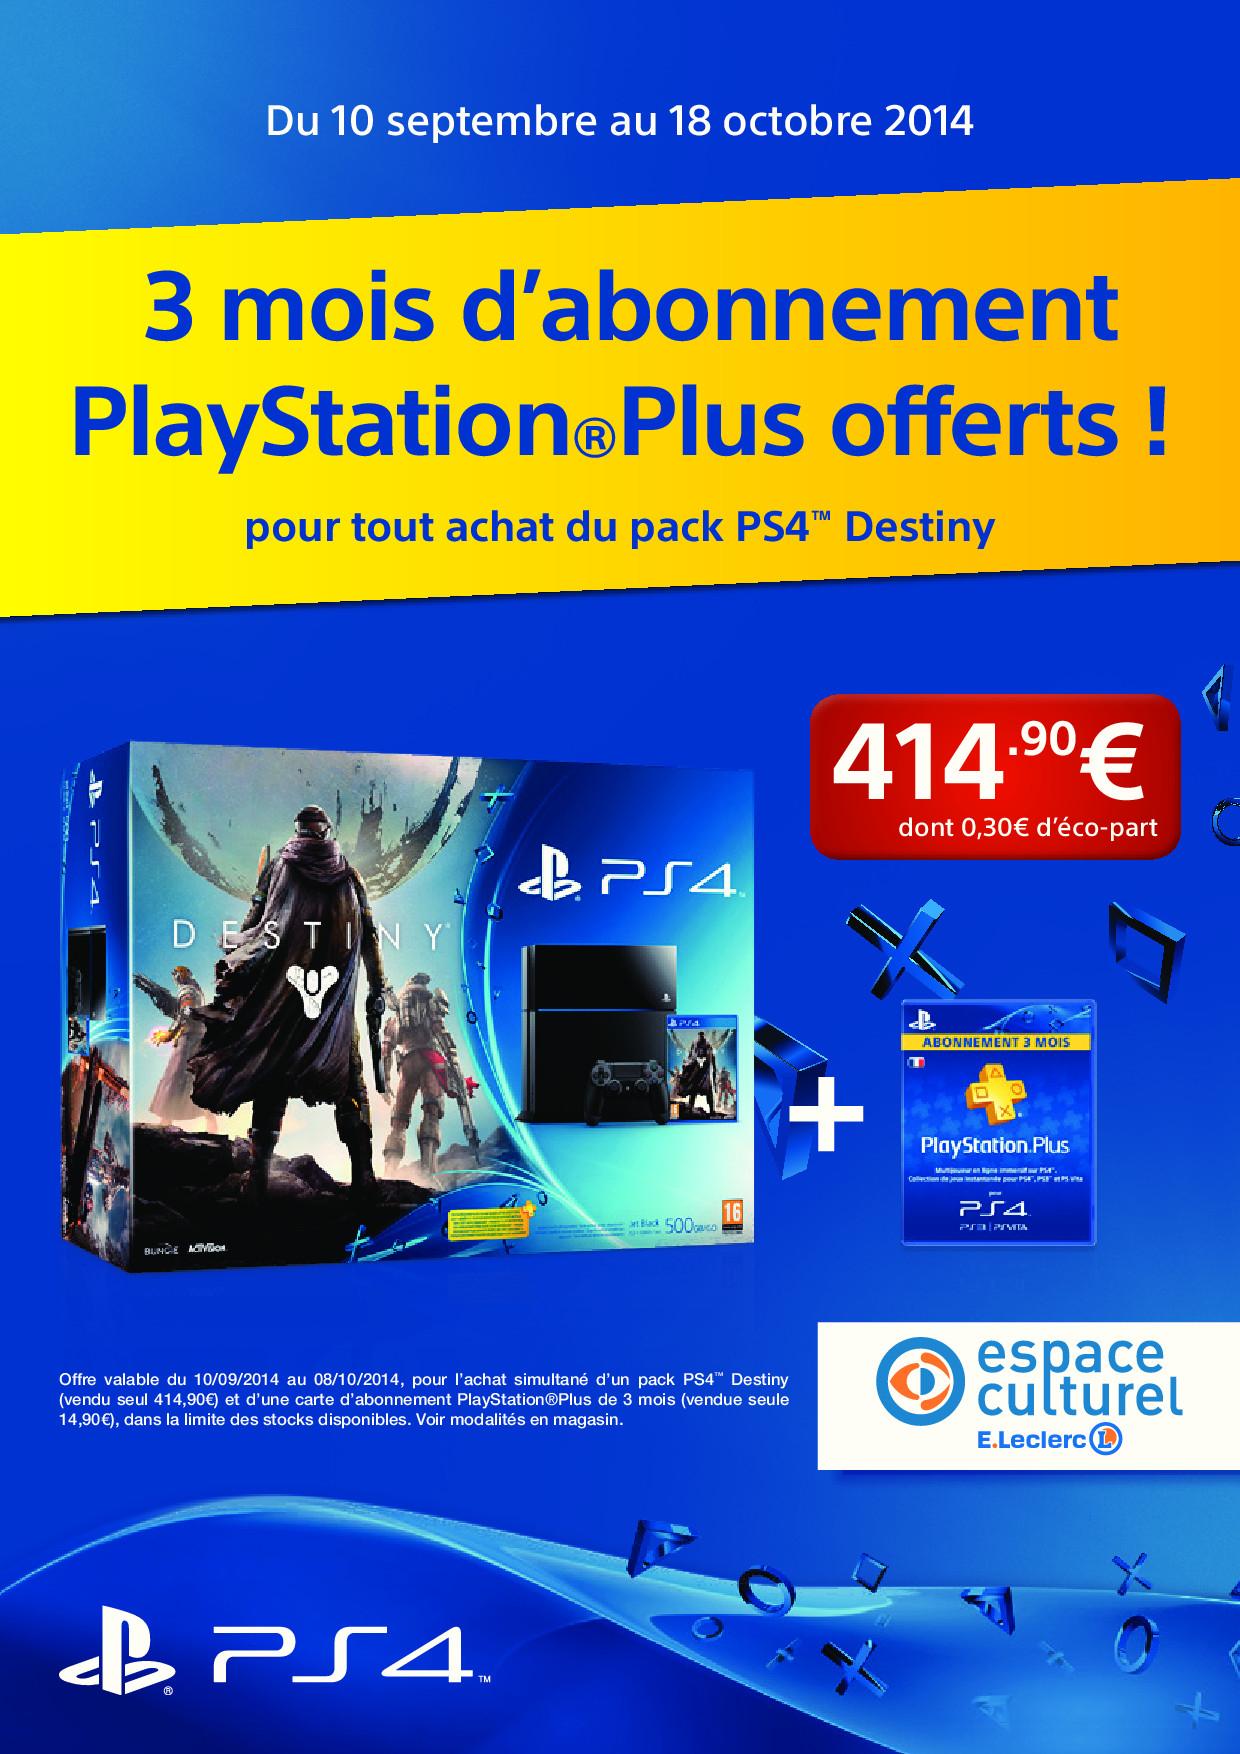 Console Sony PlayStation 4 + Destiny + Abonnement de 30 jours au PlayStation+